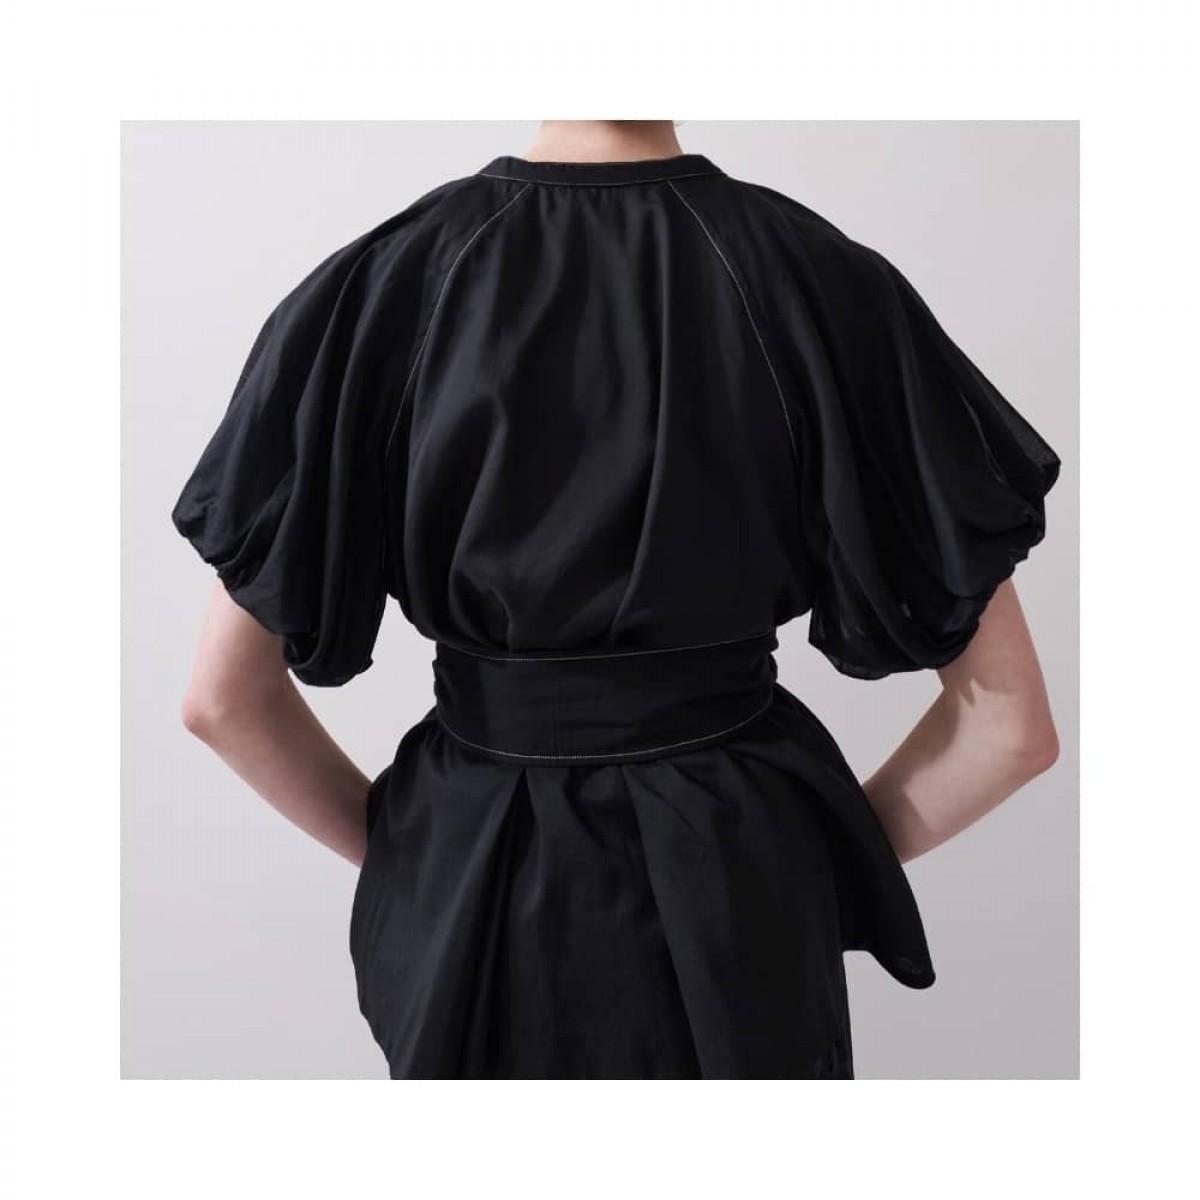 hera top - black - model bag